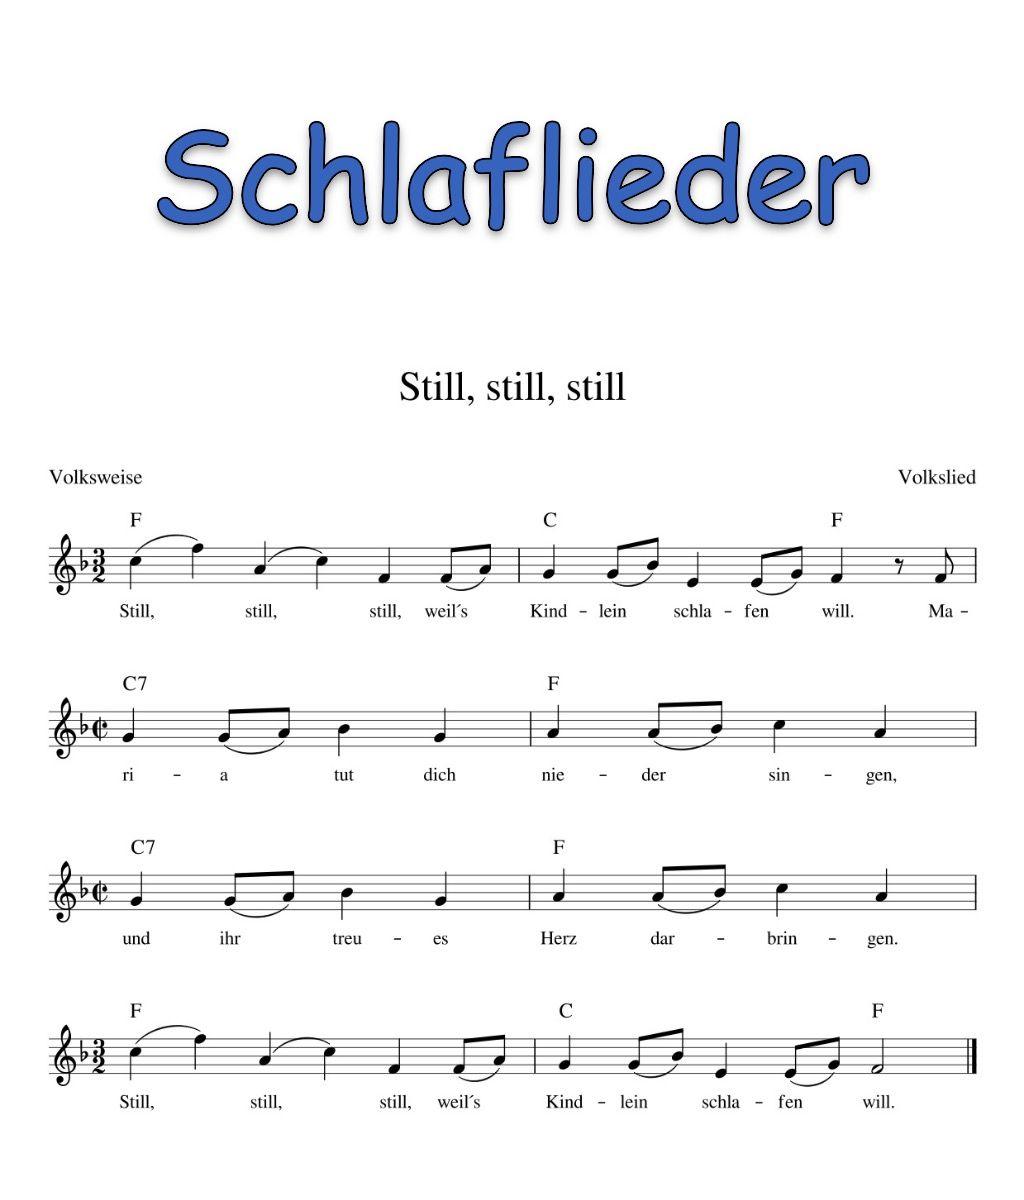 Kinderlieder Mit Noten Kinderlieder Noten Text Kinderlieder Zum Mitsingen Kinderlieder Deutsch Muenchenmedia Kinder Lied Kinderlieder Schlaflieder